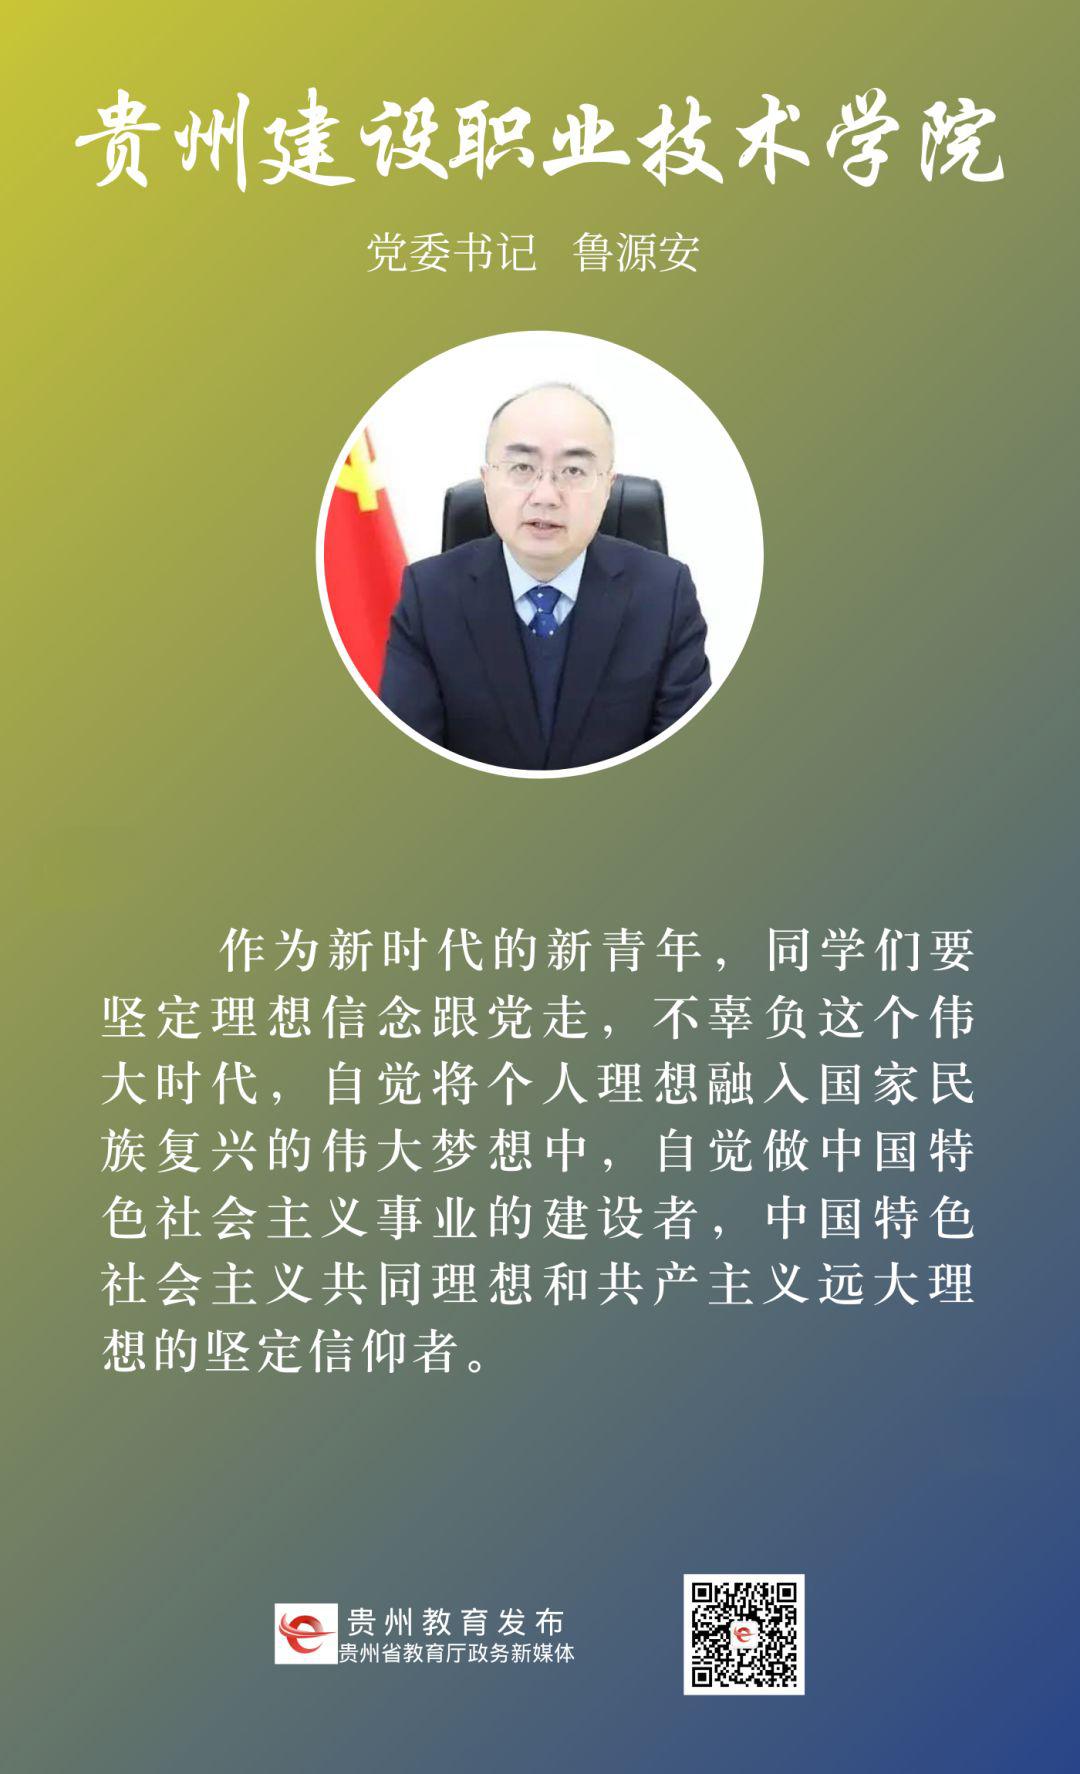 13贵州建设学院.jpg